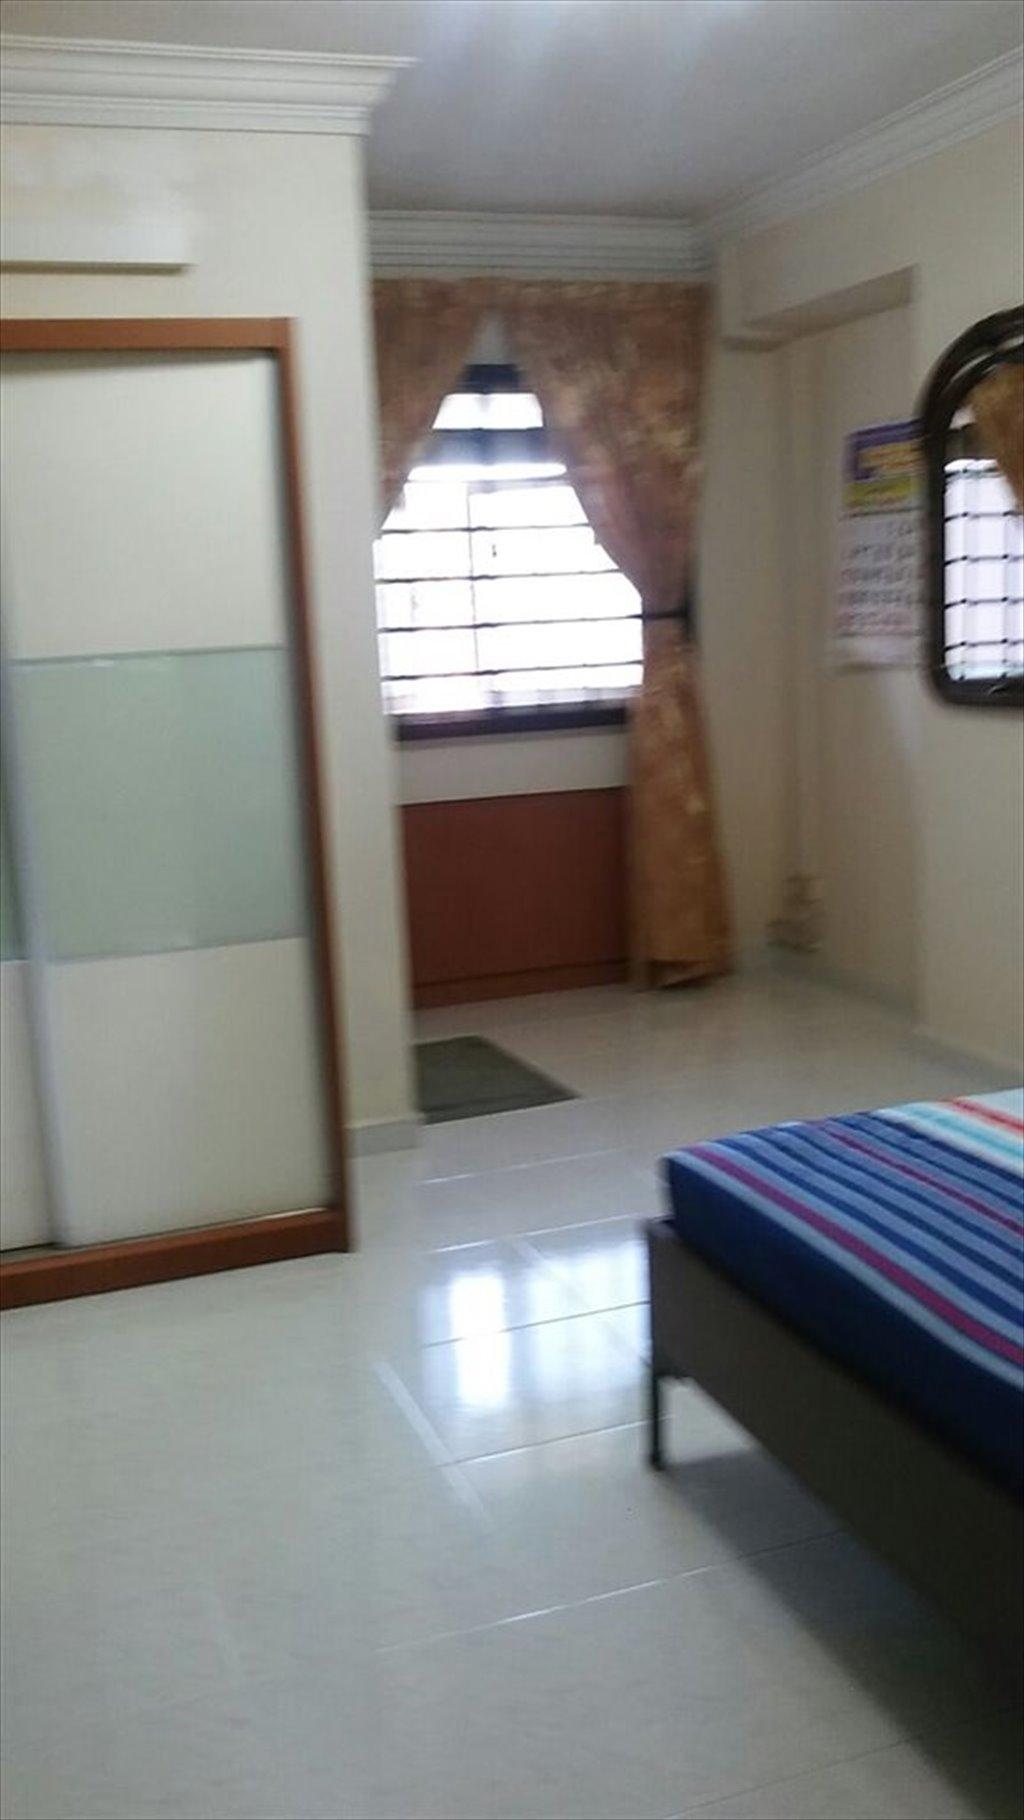 Room For Rent In Bukit Merah View Bukit Merah Master Room Available Bukit Merah View No Agent Fee 1000